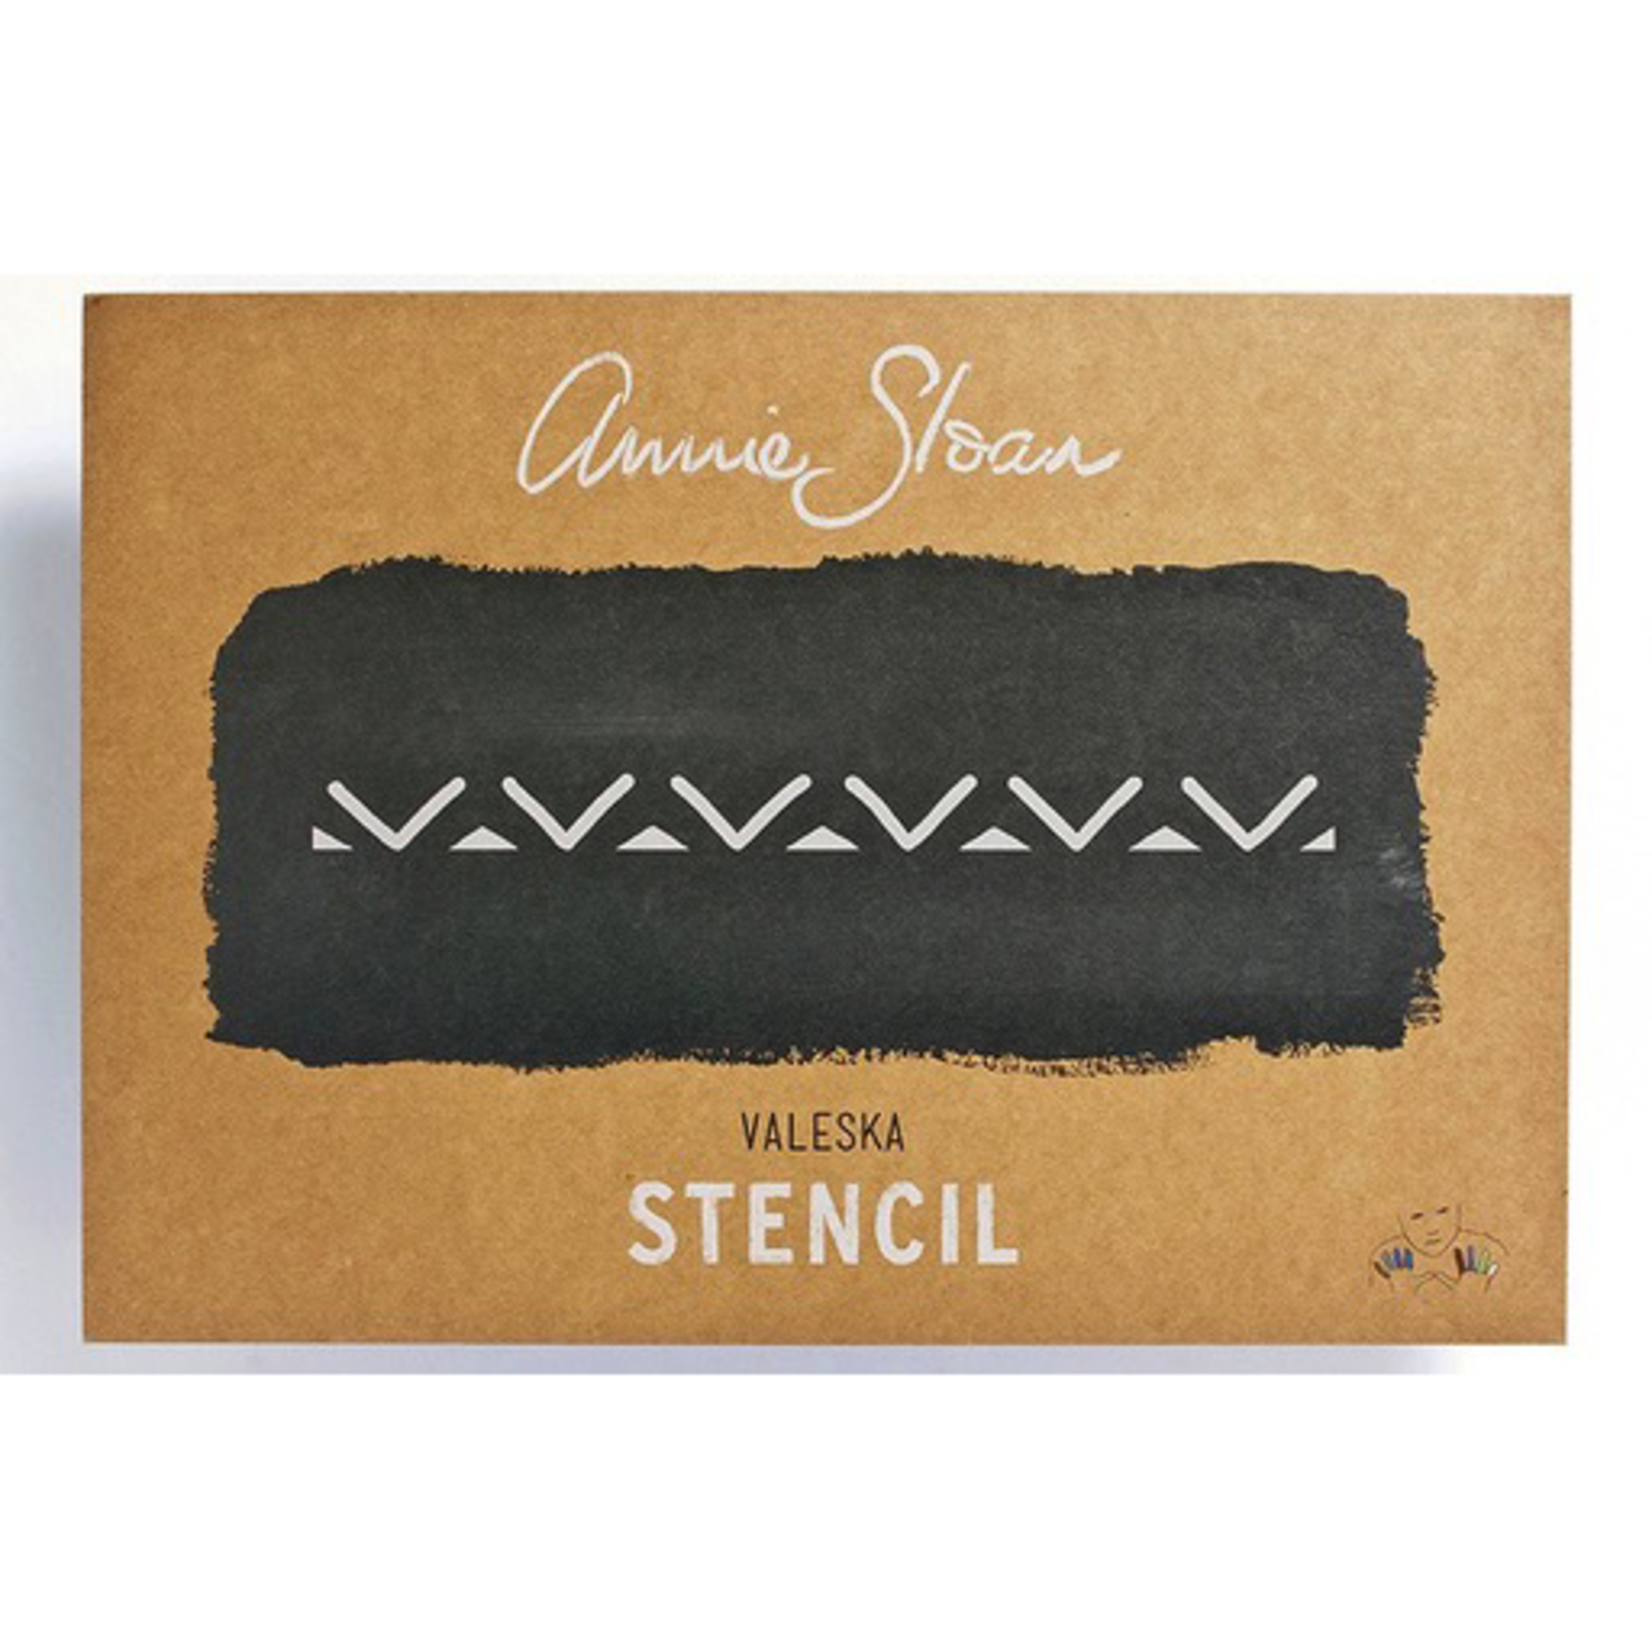 Annie Sloan Annie Sloan Stencil Valeska A3